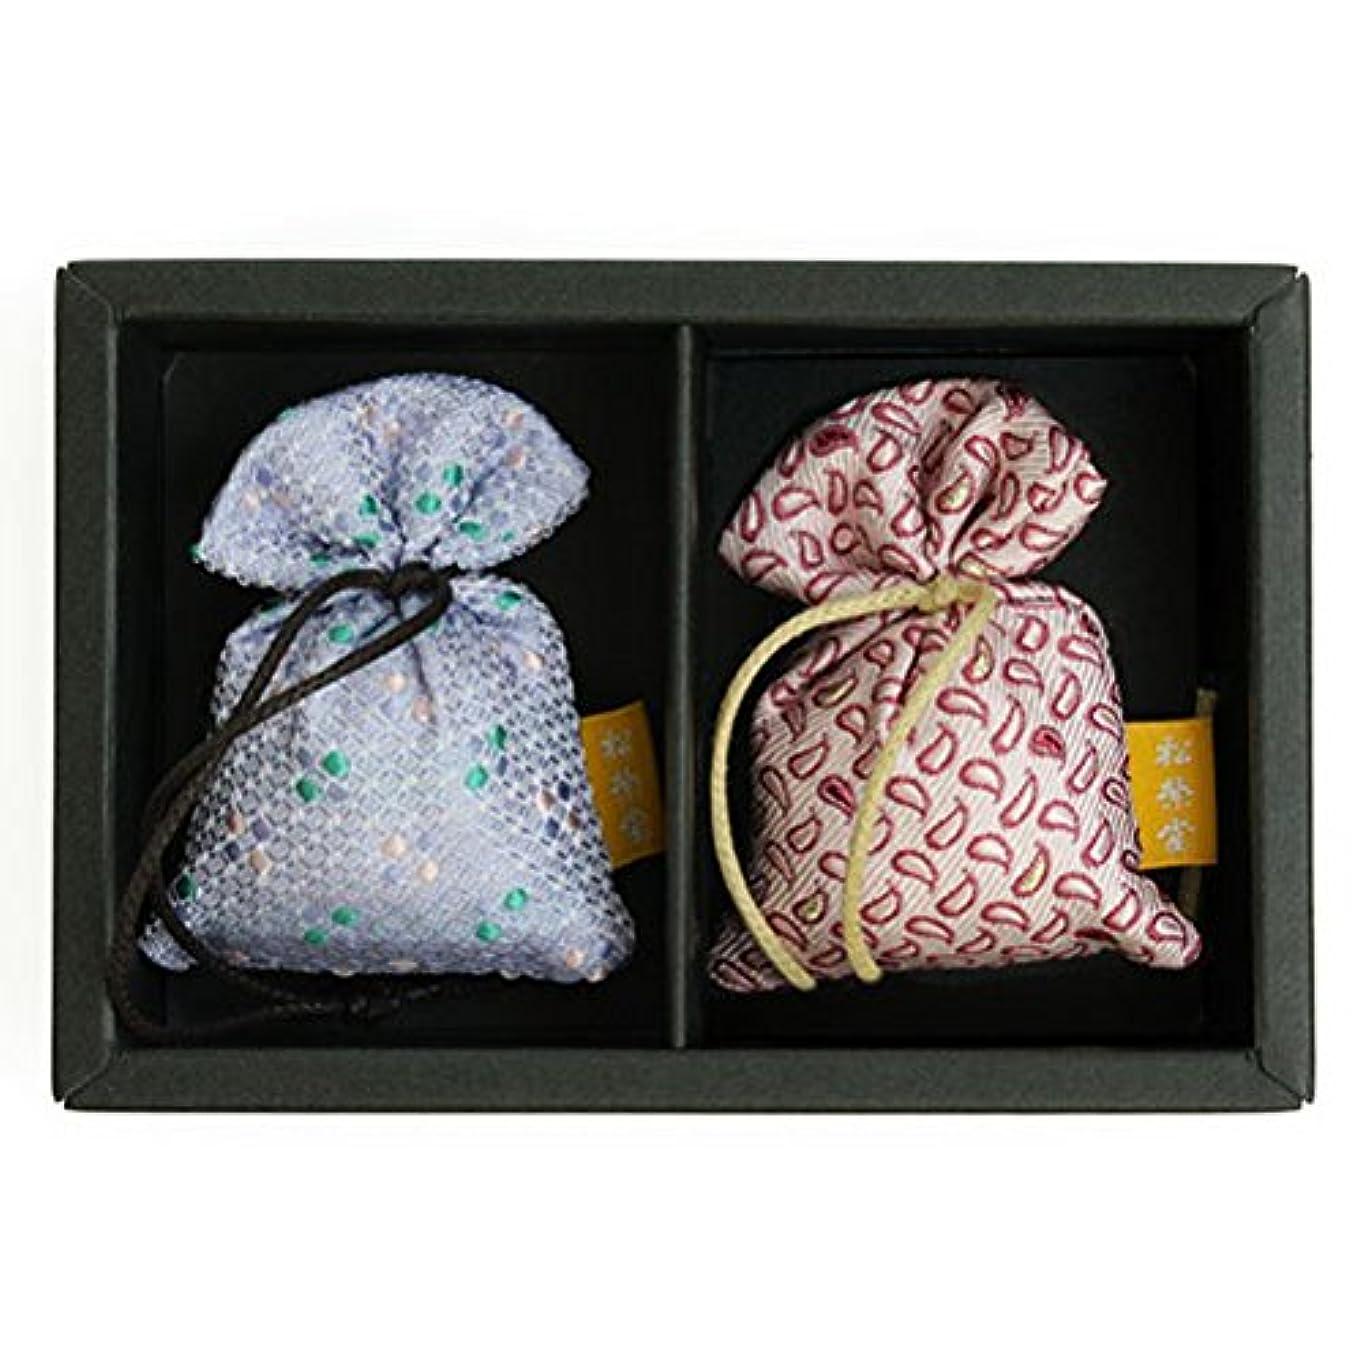 評価自体マインドフル匂い袋 誰が袖 薫 かおる 2個入 松栄堂 Shoyeido 本体長さ60mm (色?柄は選べません)